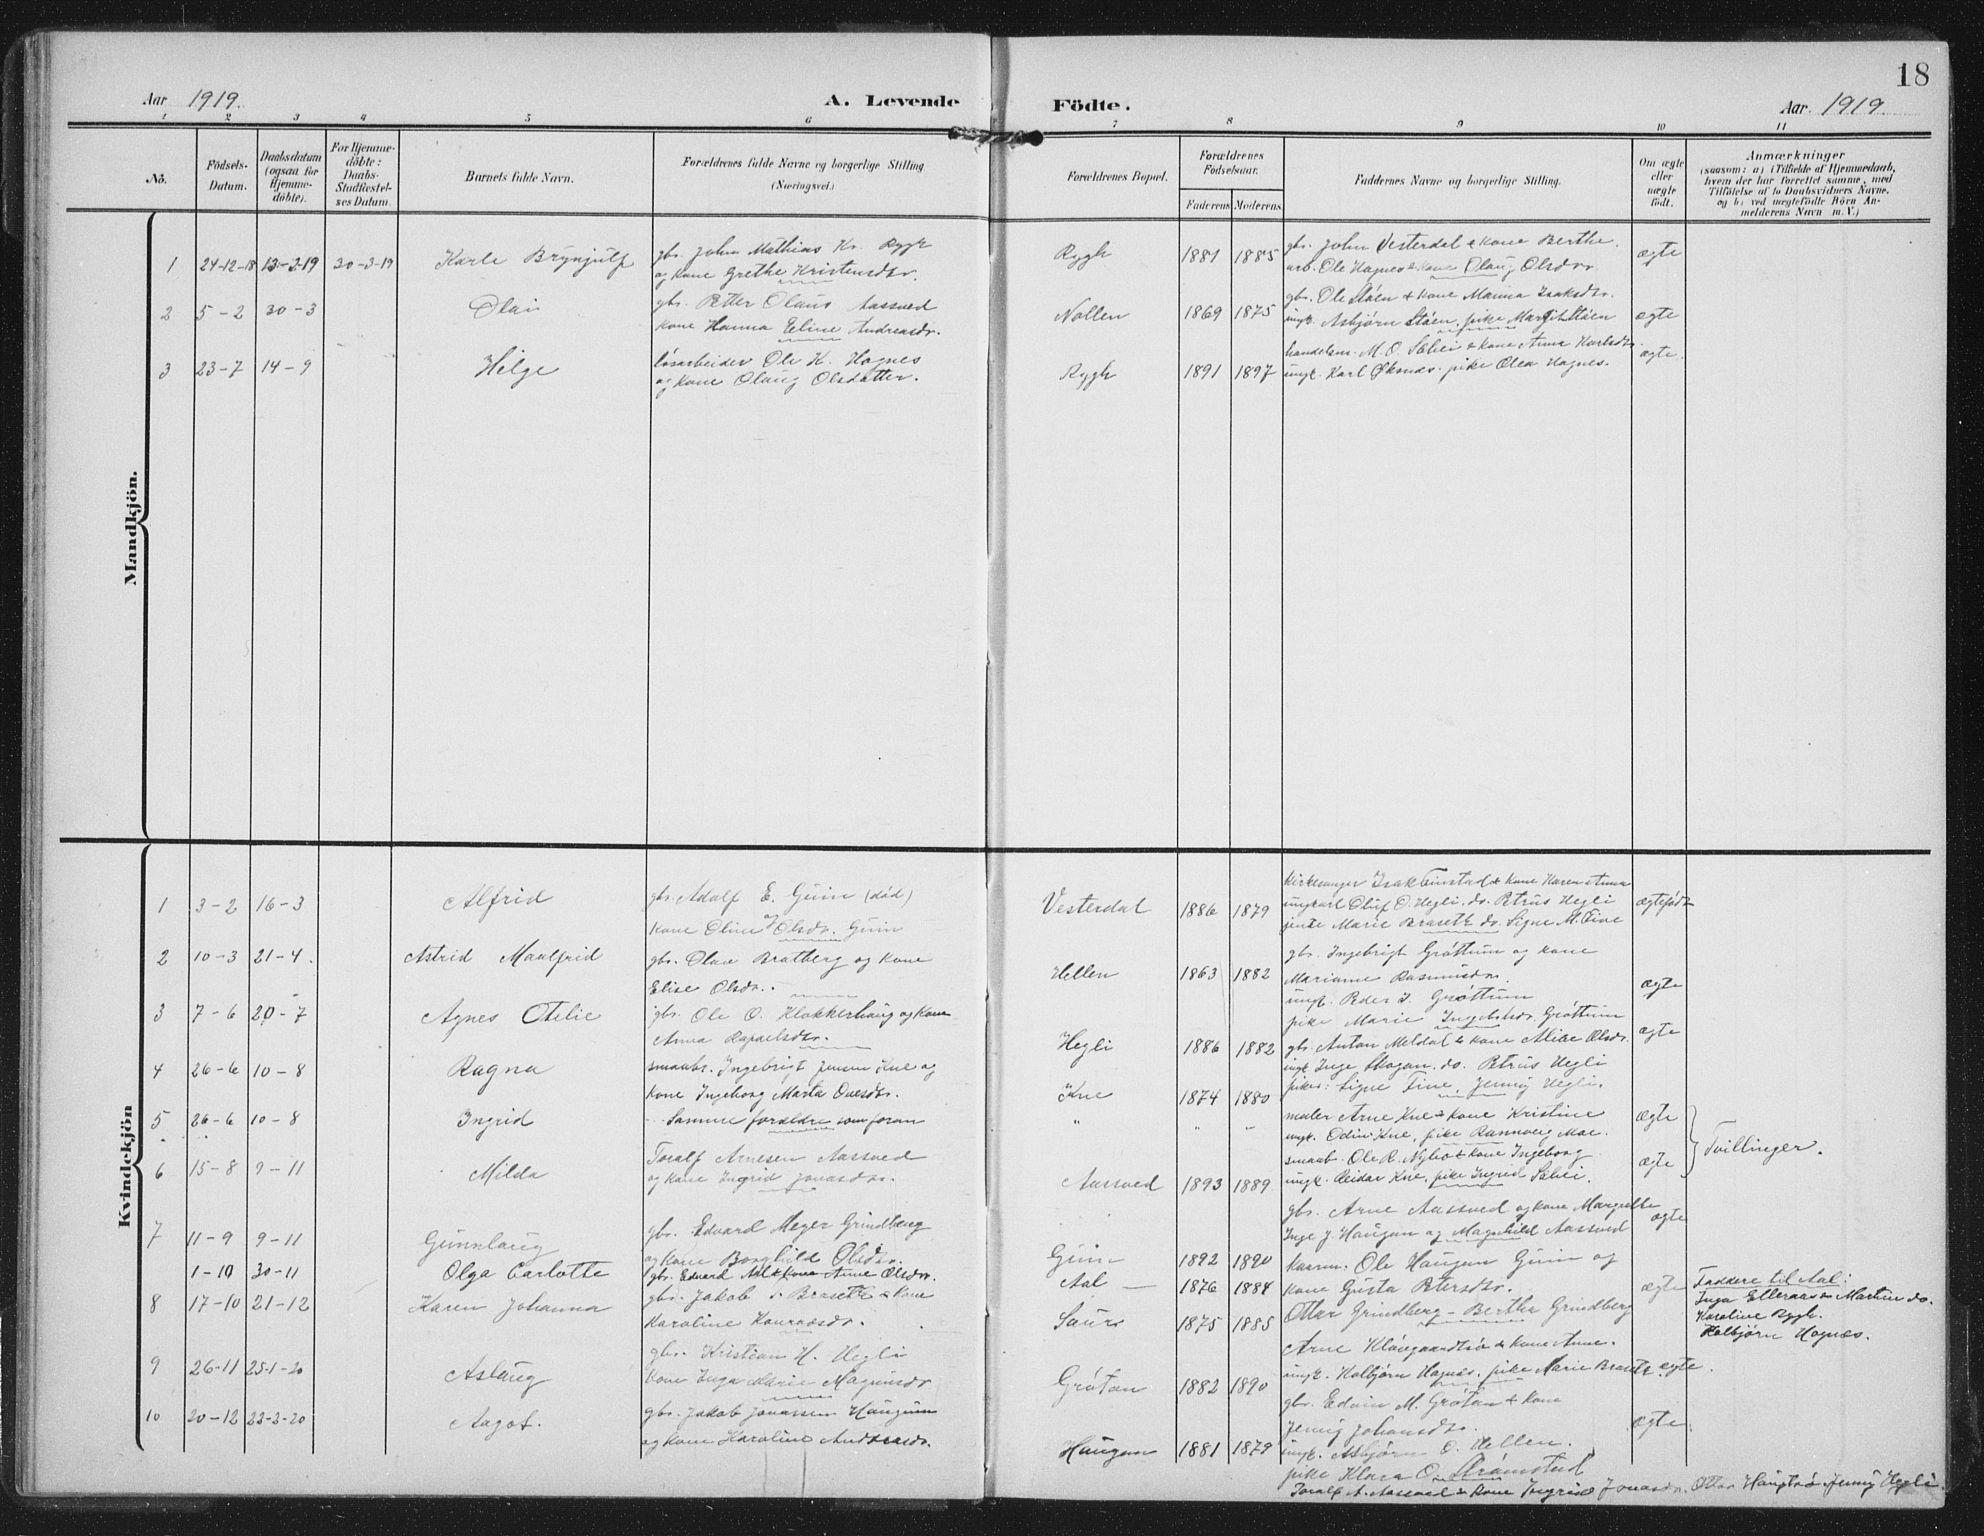 SAT, Ministerialprotokoller, klokkerbøker og fødselsregistre - Nord-Trøndelag, 747/L0460: Klokkerbok nr. 747C02, 1908-1939, s. 18